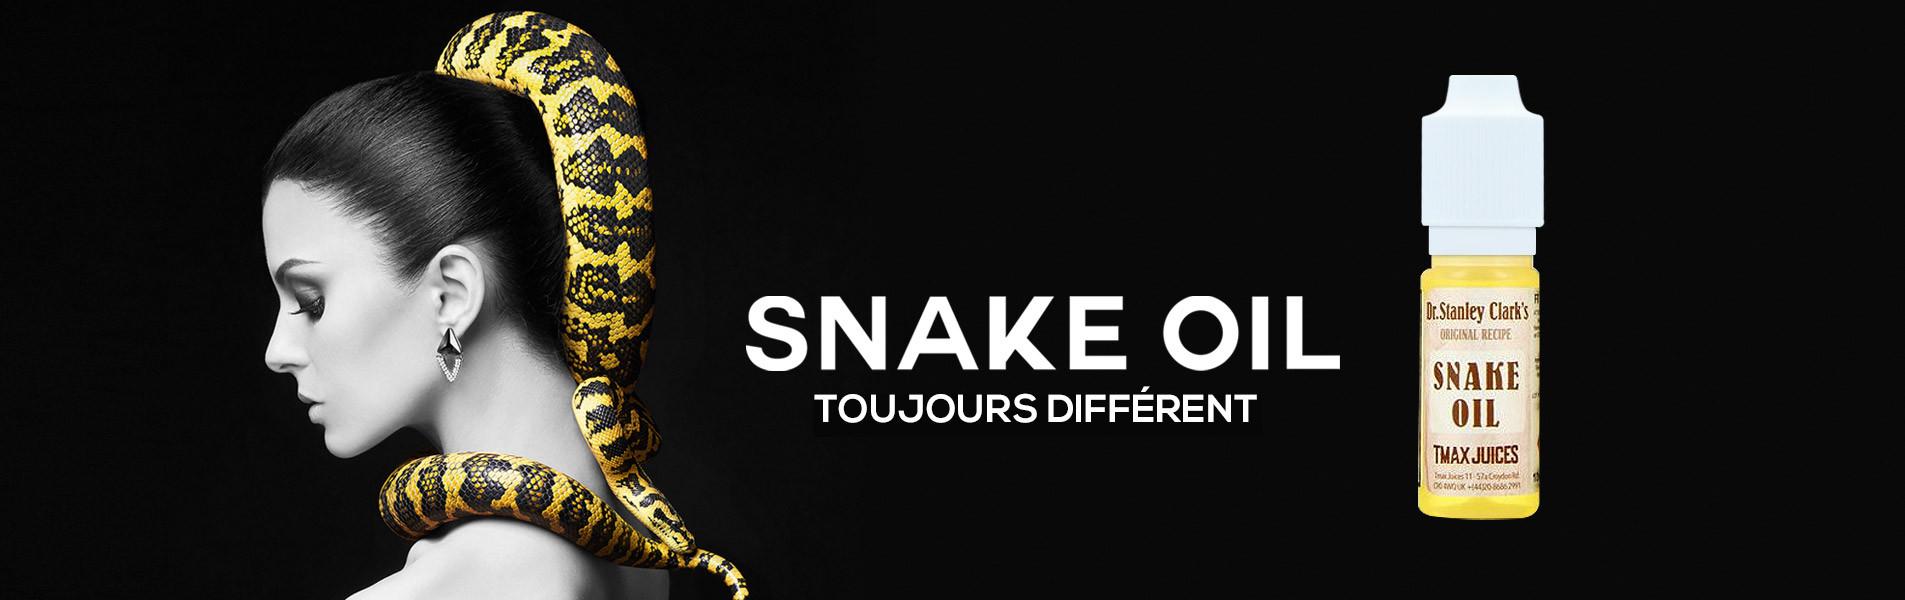 Le Célèbre Snake Oil du Dr. Stanley Clark's